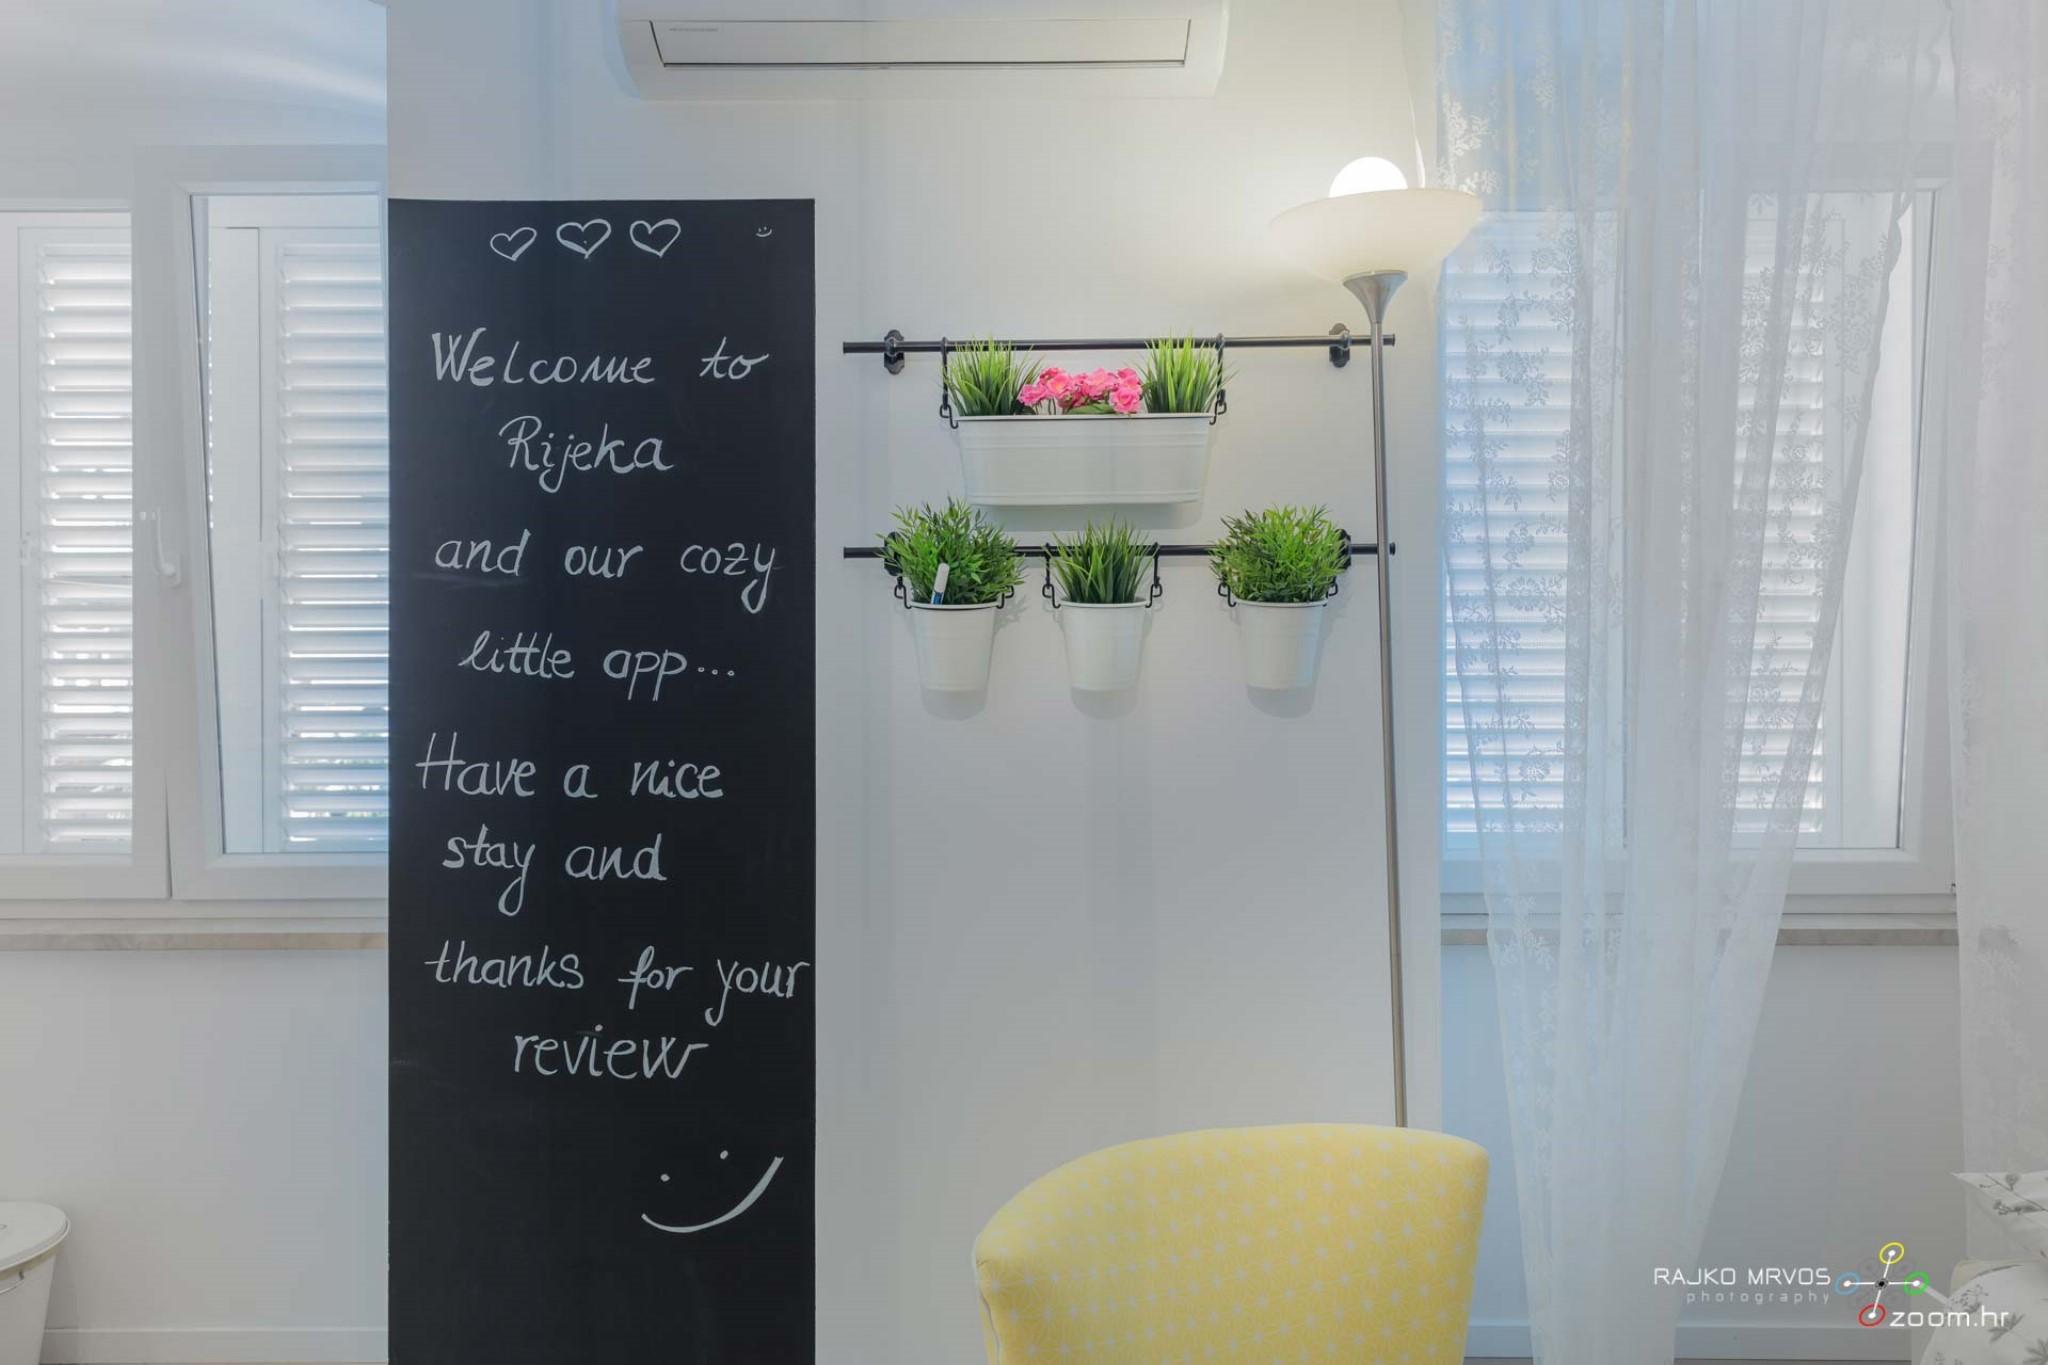 fotograf-interijera-fotograf-eksterijera-slikanje-apartmana-Central-Rijeka-Apartments-52